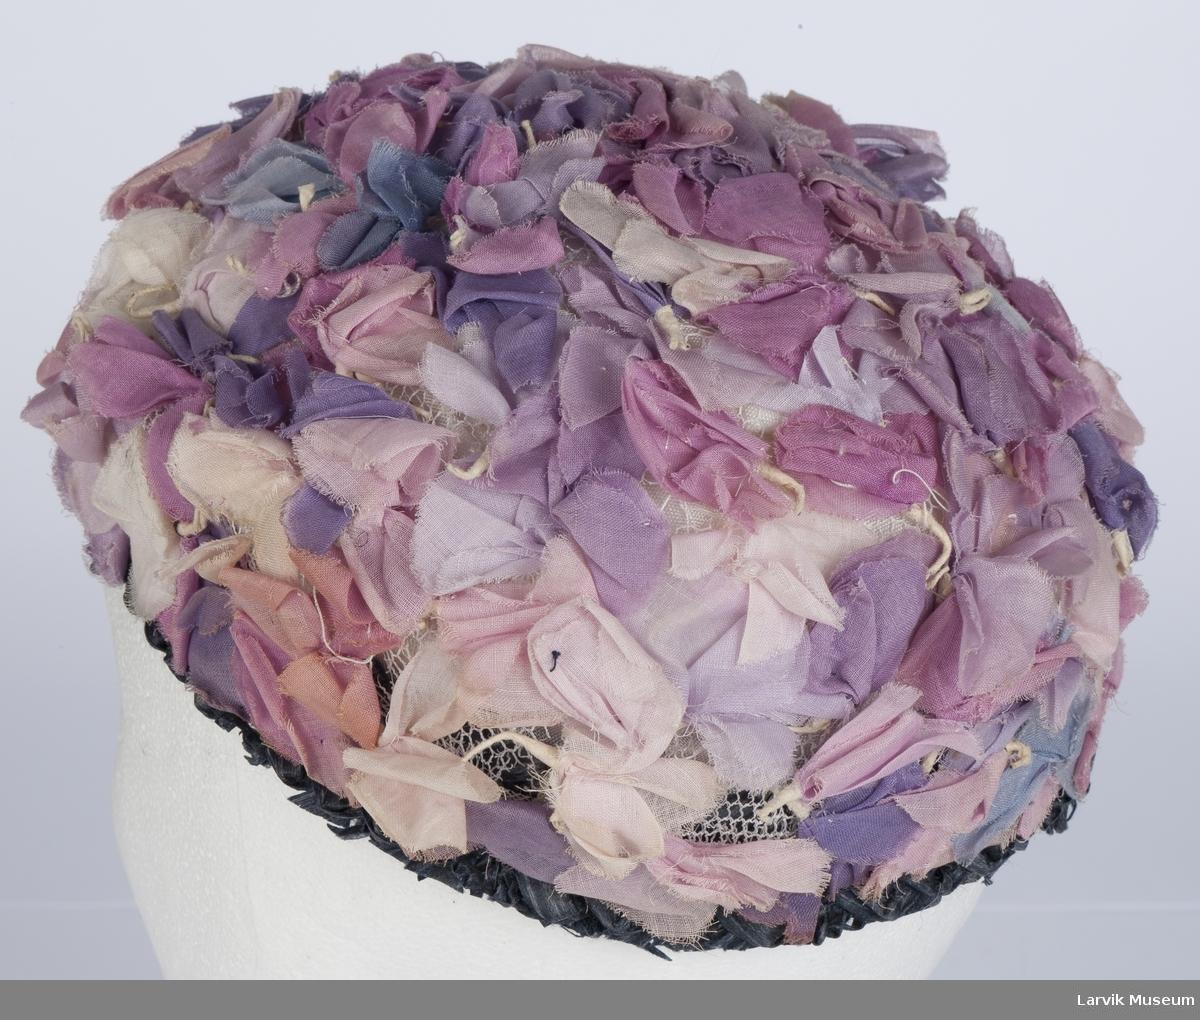 Form: pull av gas, dekket med små stoffblomster i rosa og lilla nyanser, mørkblå strå-rysje langs kanten, der et sort ripsbånd er satt mot vrangen, hvit fórsilke og strikk i nakken